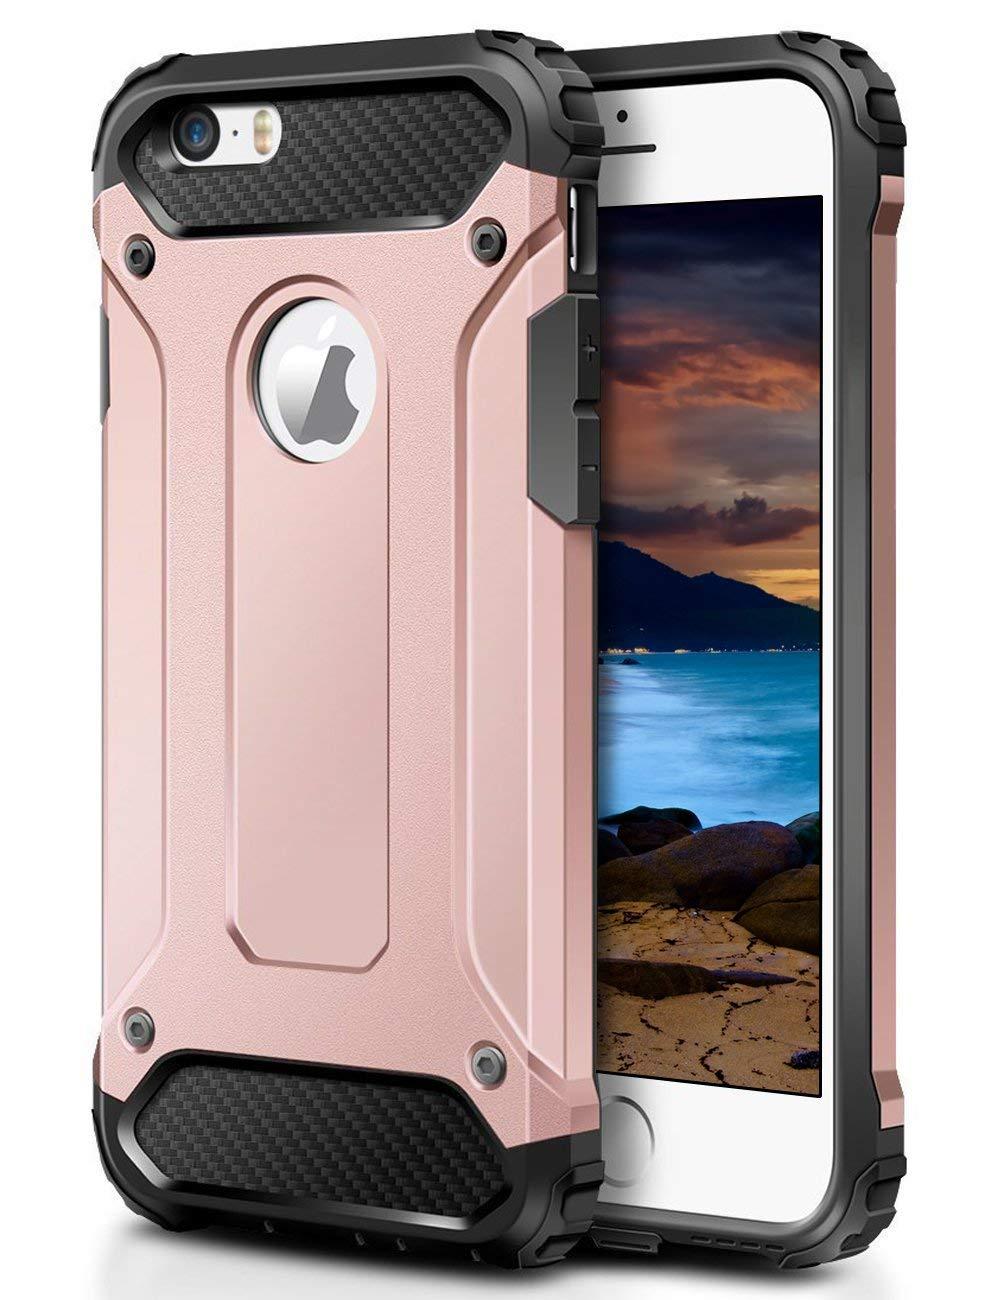 Pouzdro Forcell Armor Case na iPhone SE/5s/5 - Růžově zlaté